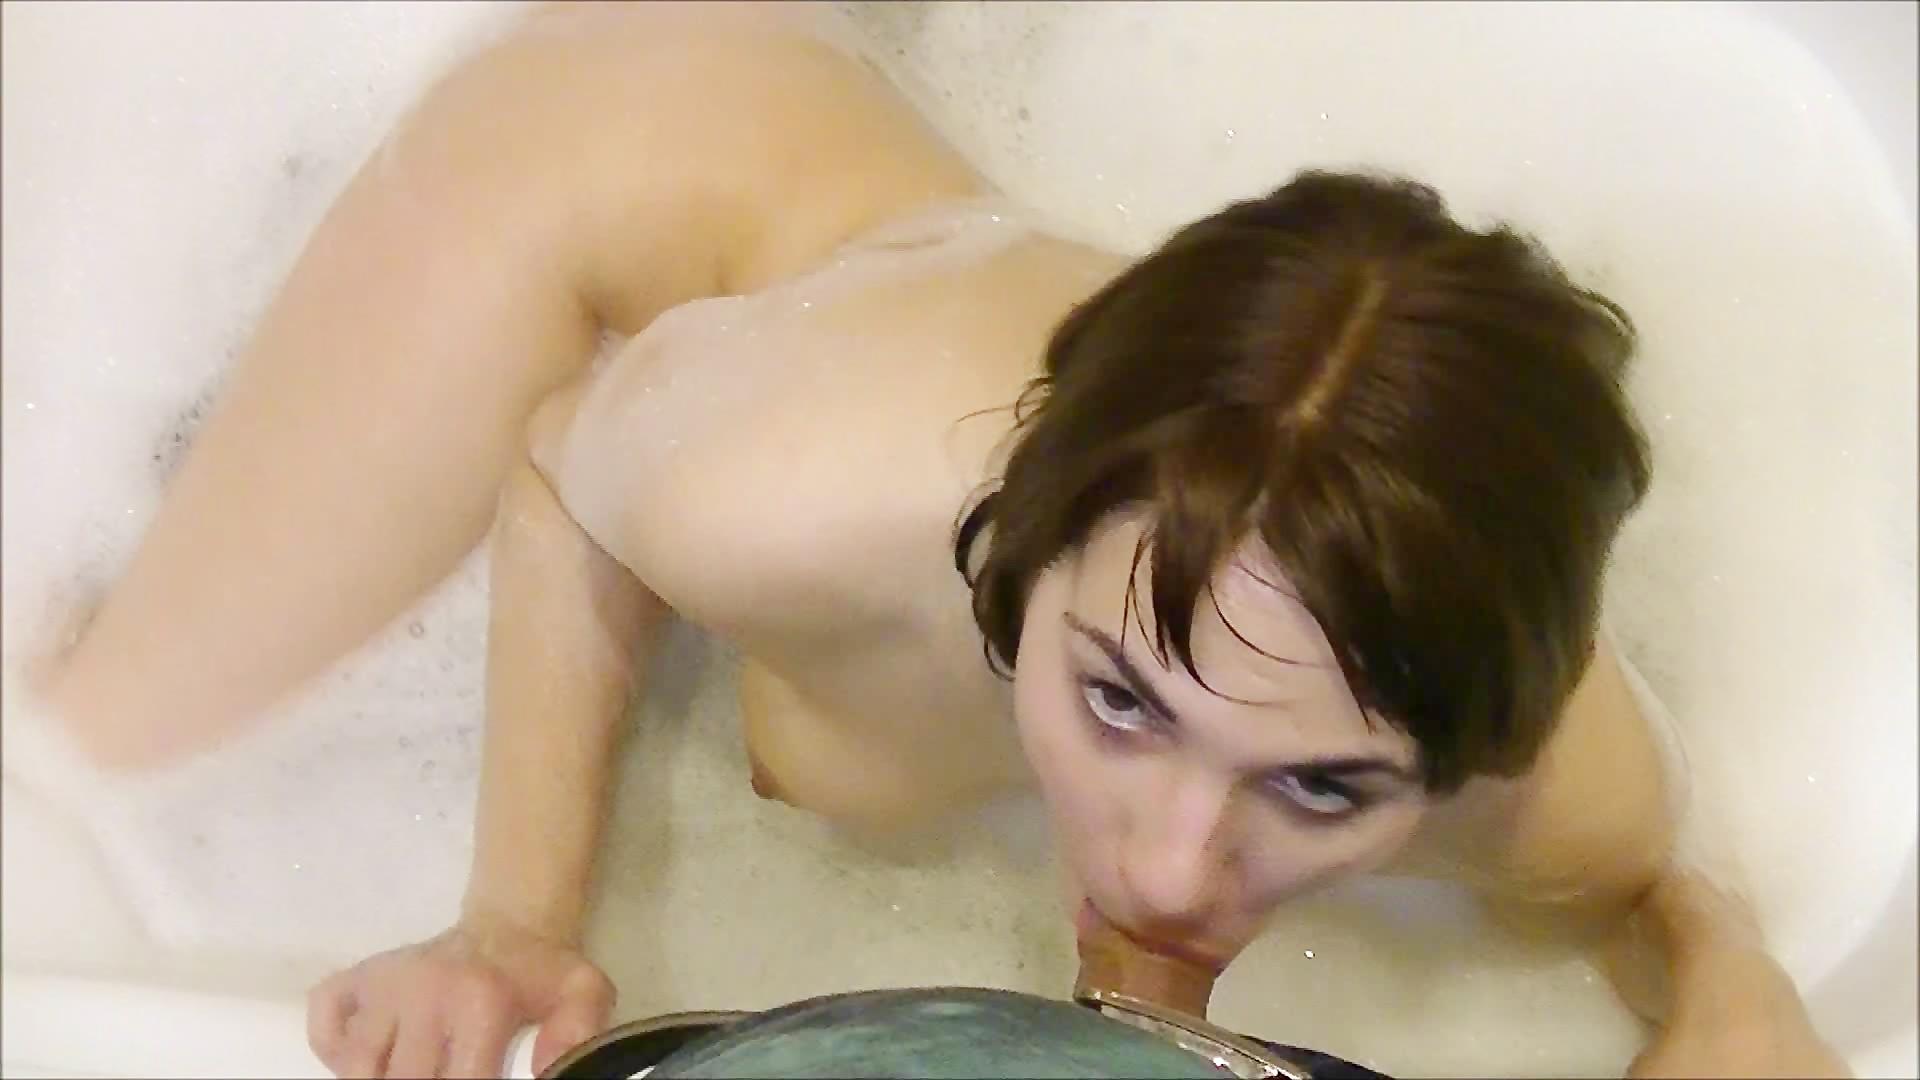 Piercedaspid tongue split cock suck amp cum lick 8